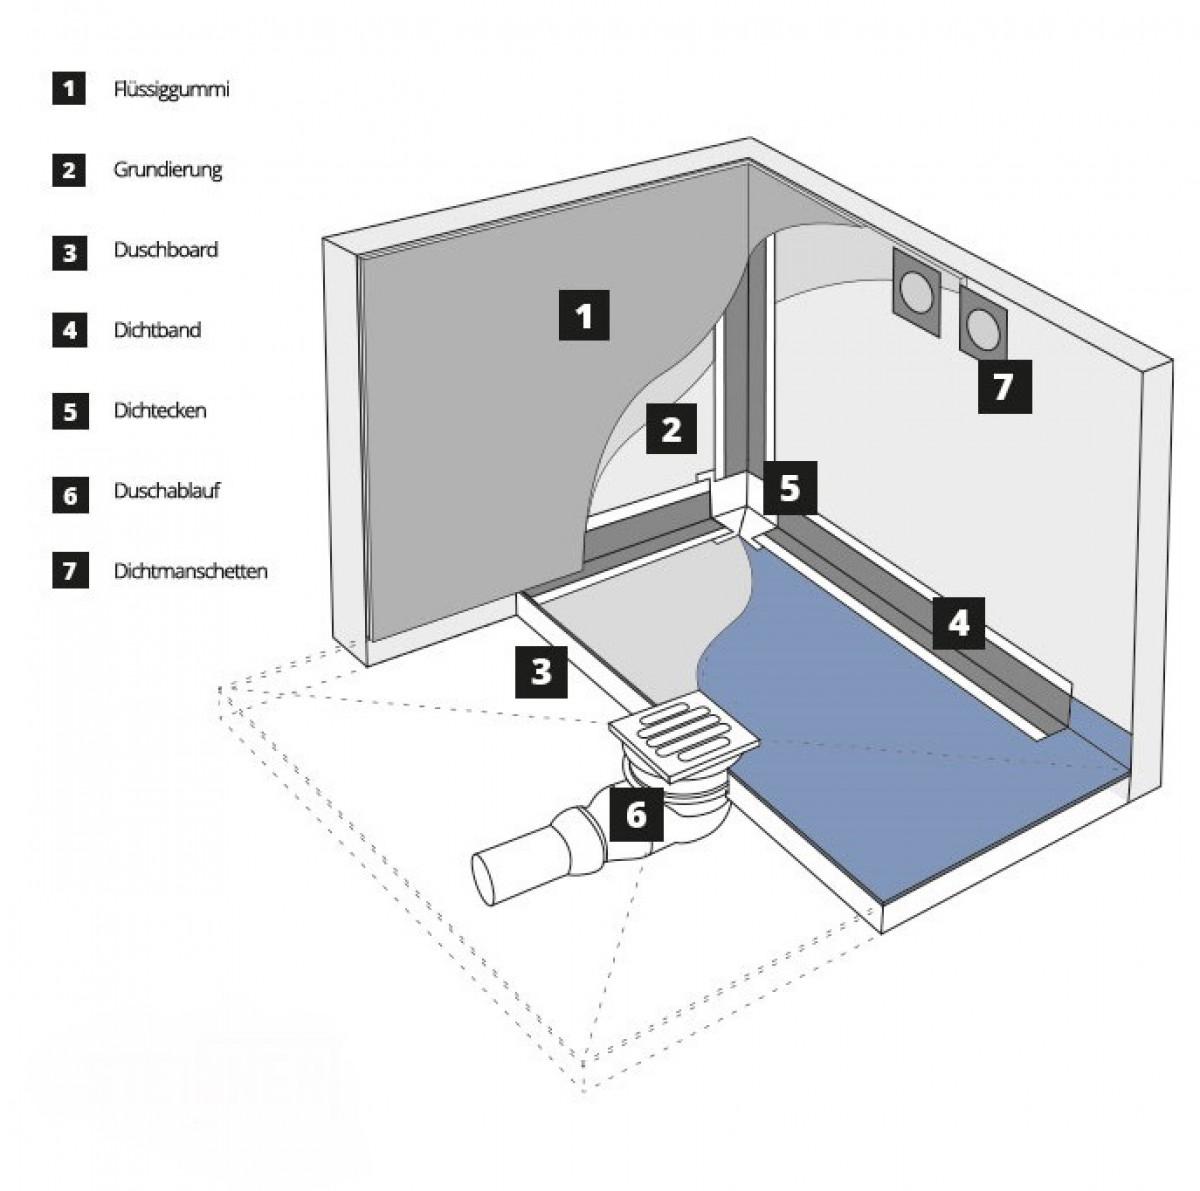 Dusche Bodeneben Gr??e : Dusche Bad Duschelement Duschboard Wandablauf Duschtasse befliesbar